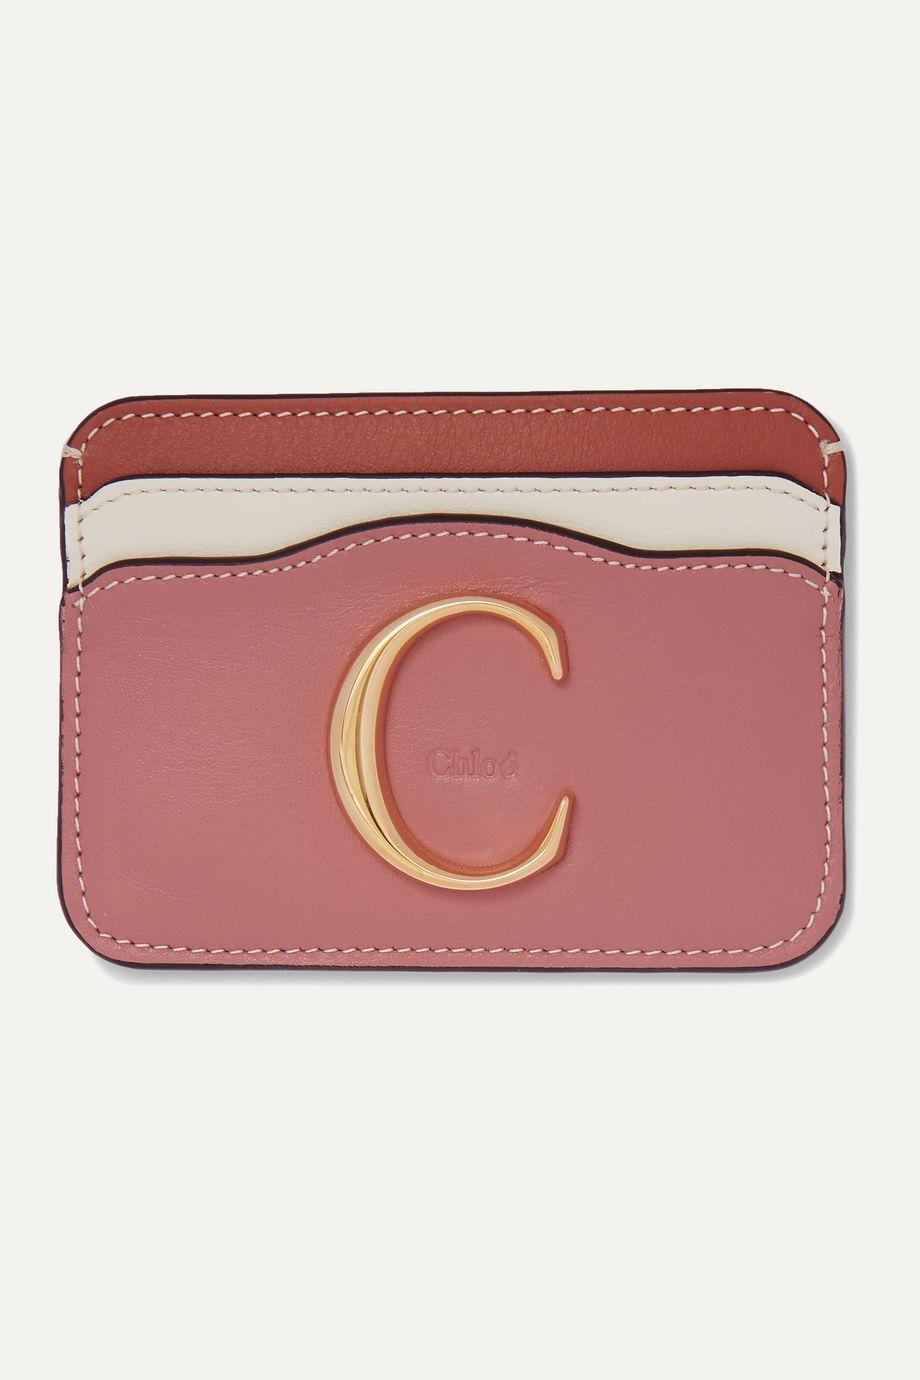 Chloé Chloé C color-block leather cardholder